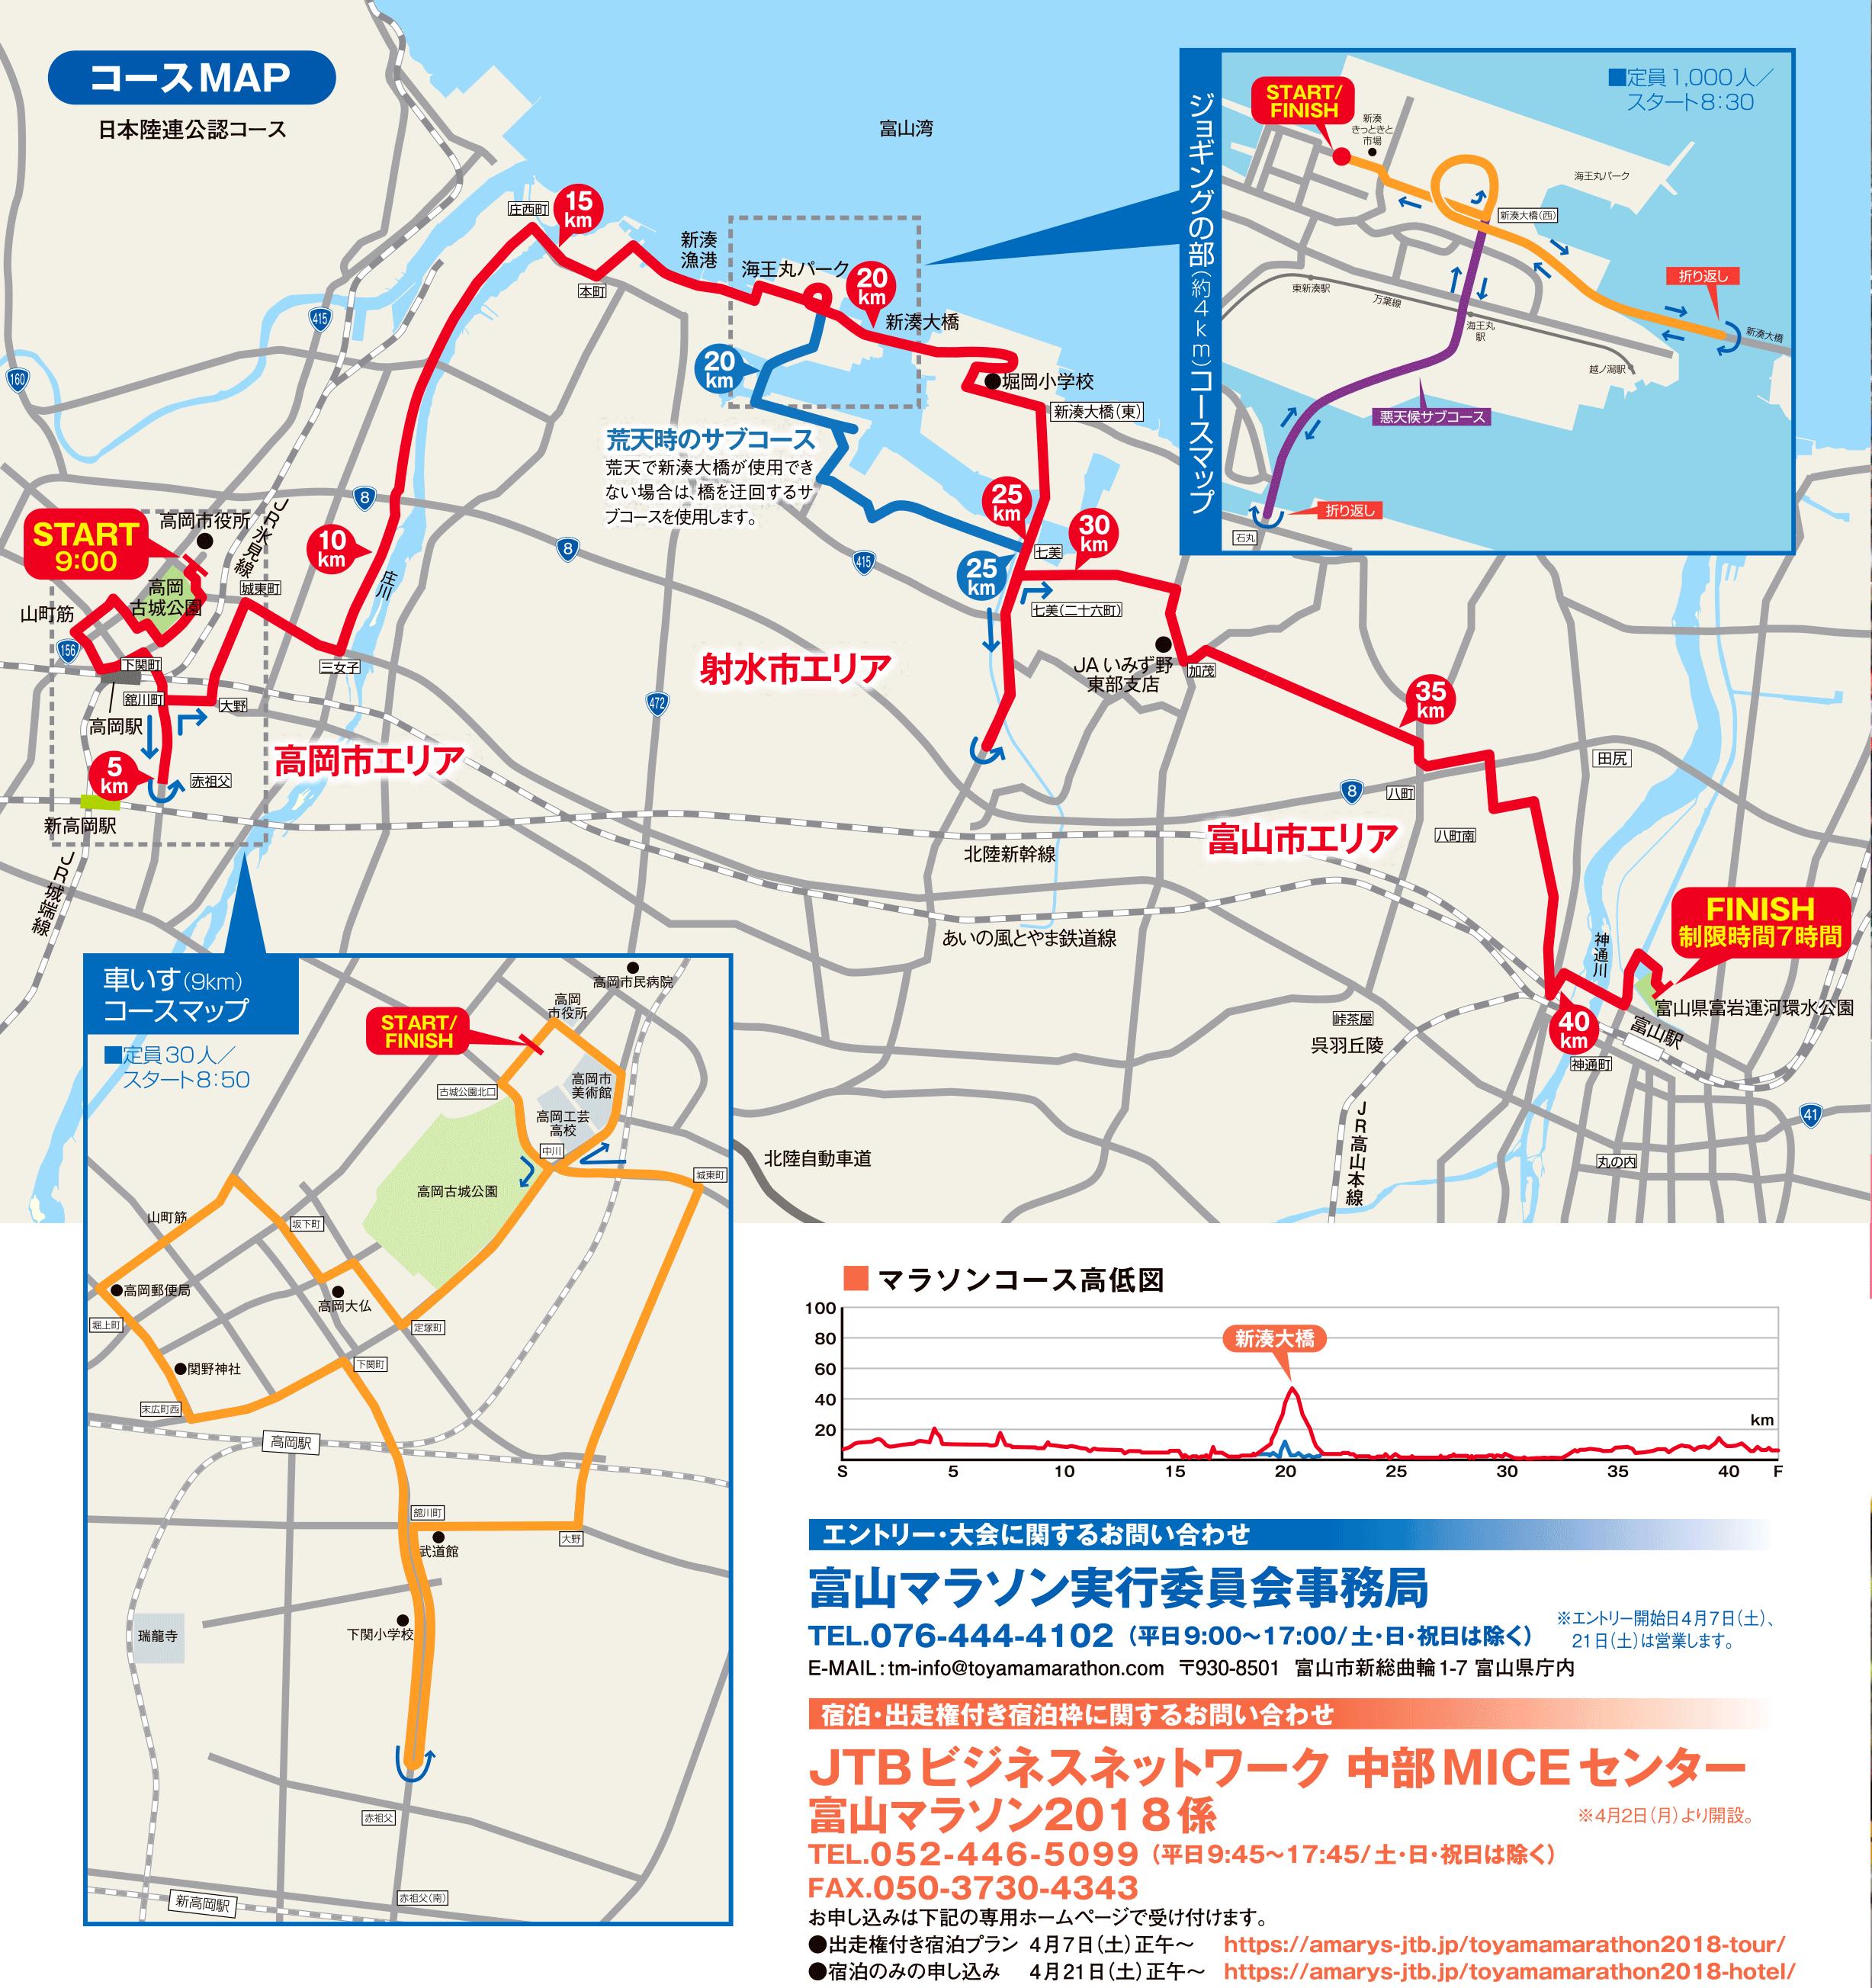 富山マラソン2018のコース